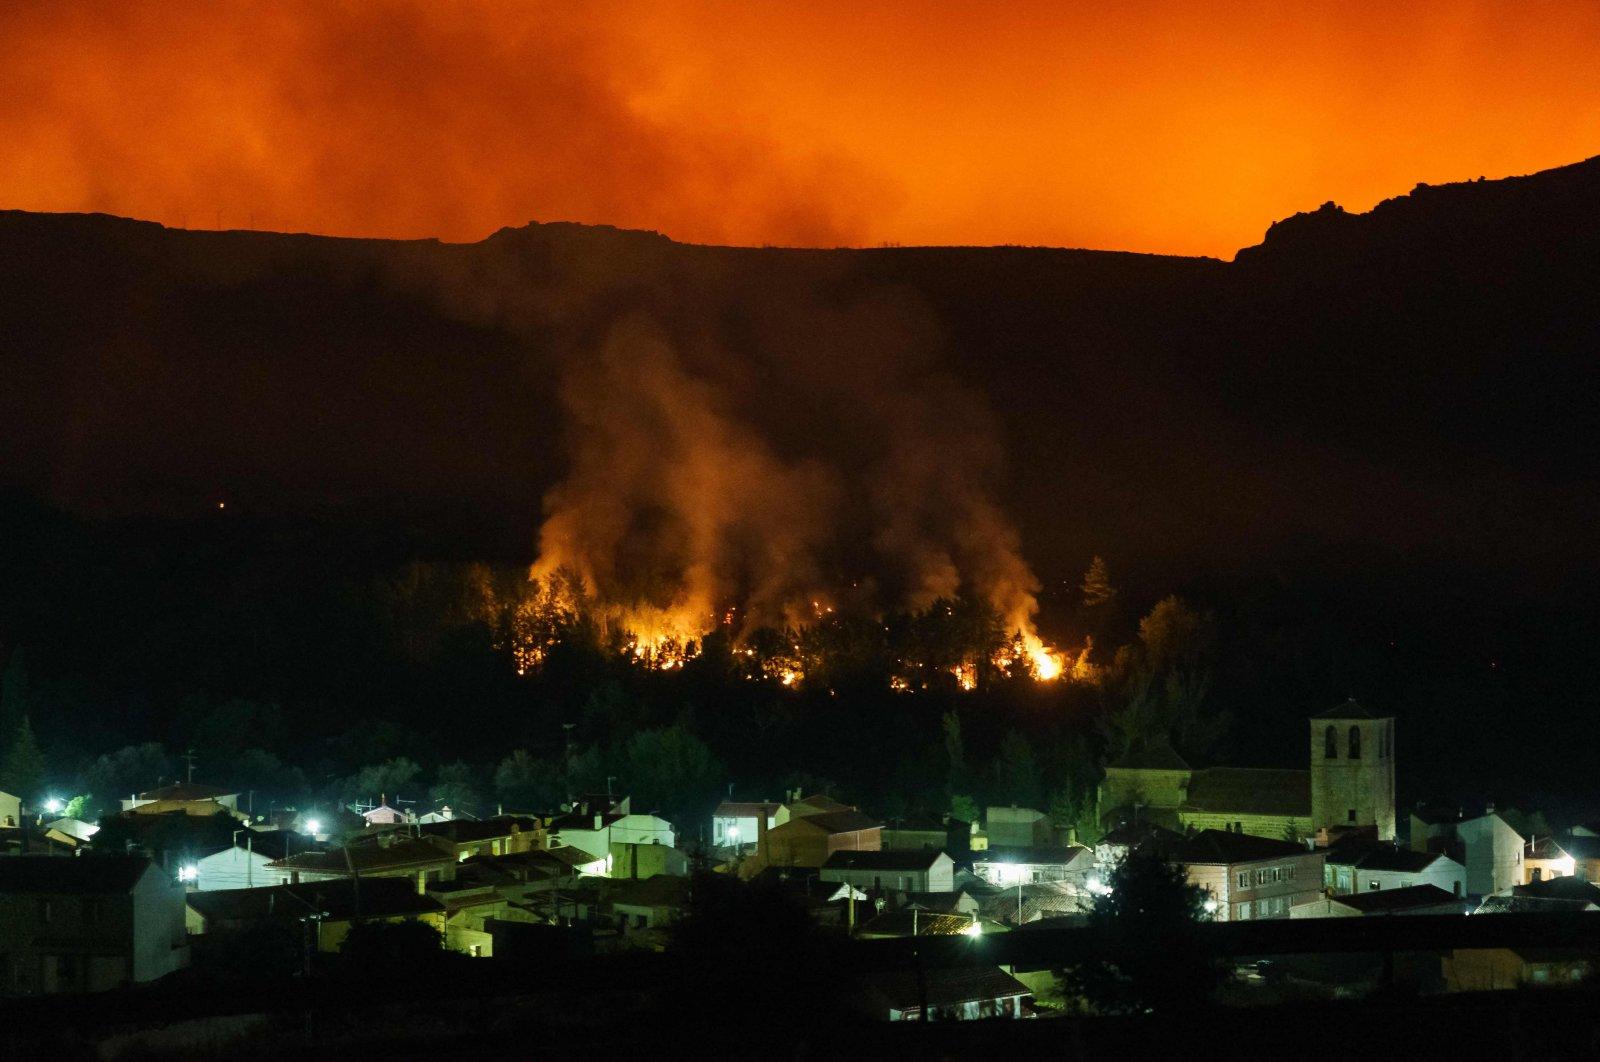 A wildfire advances toward Sotalbo near Avila, central Spain, Aug. 16, 2021. (AFP Photo)